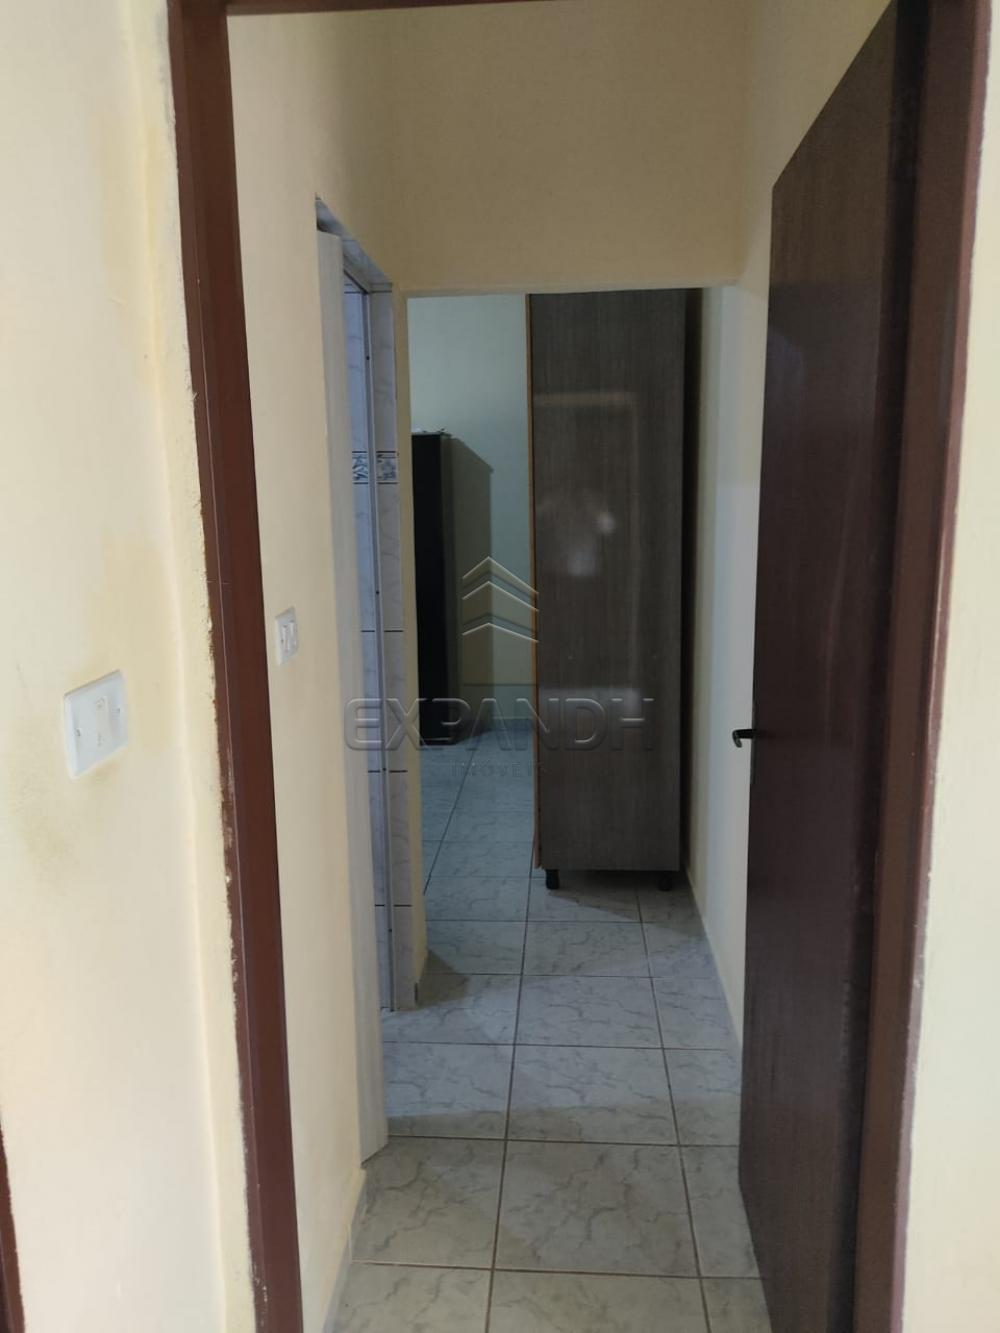 Comprar Casas / Padrão em Sertãozinho R$ 290.000,00 - Foto 15